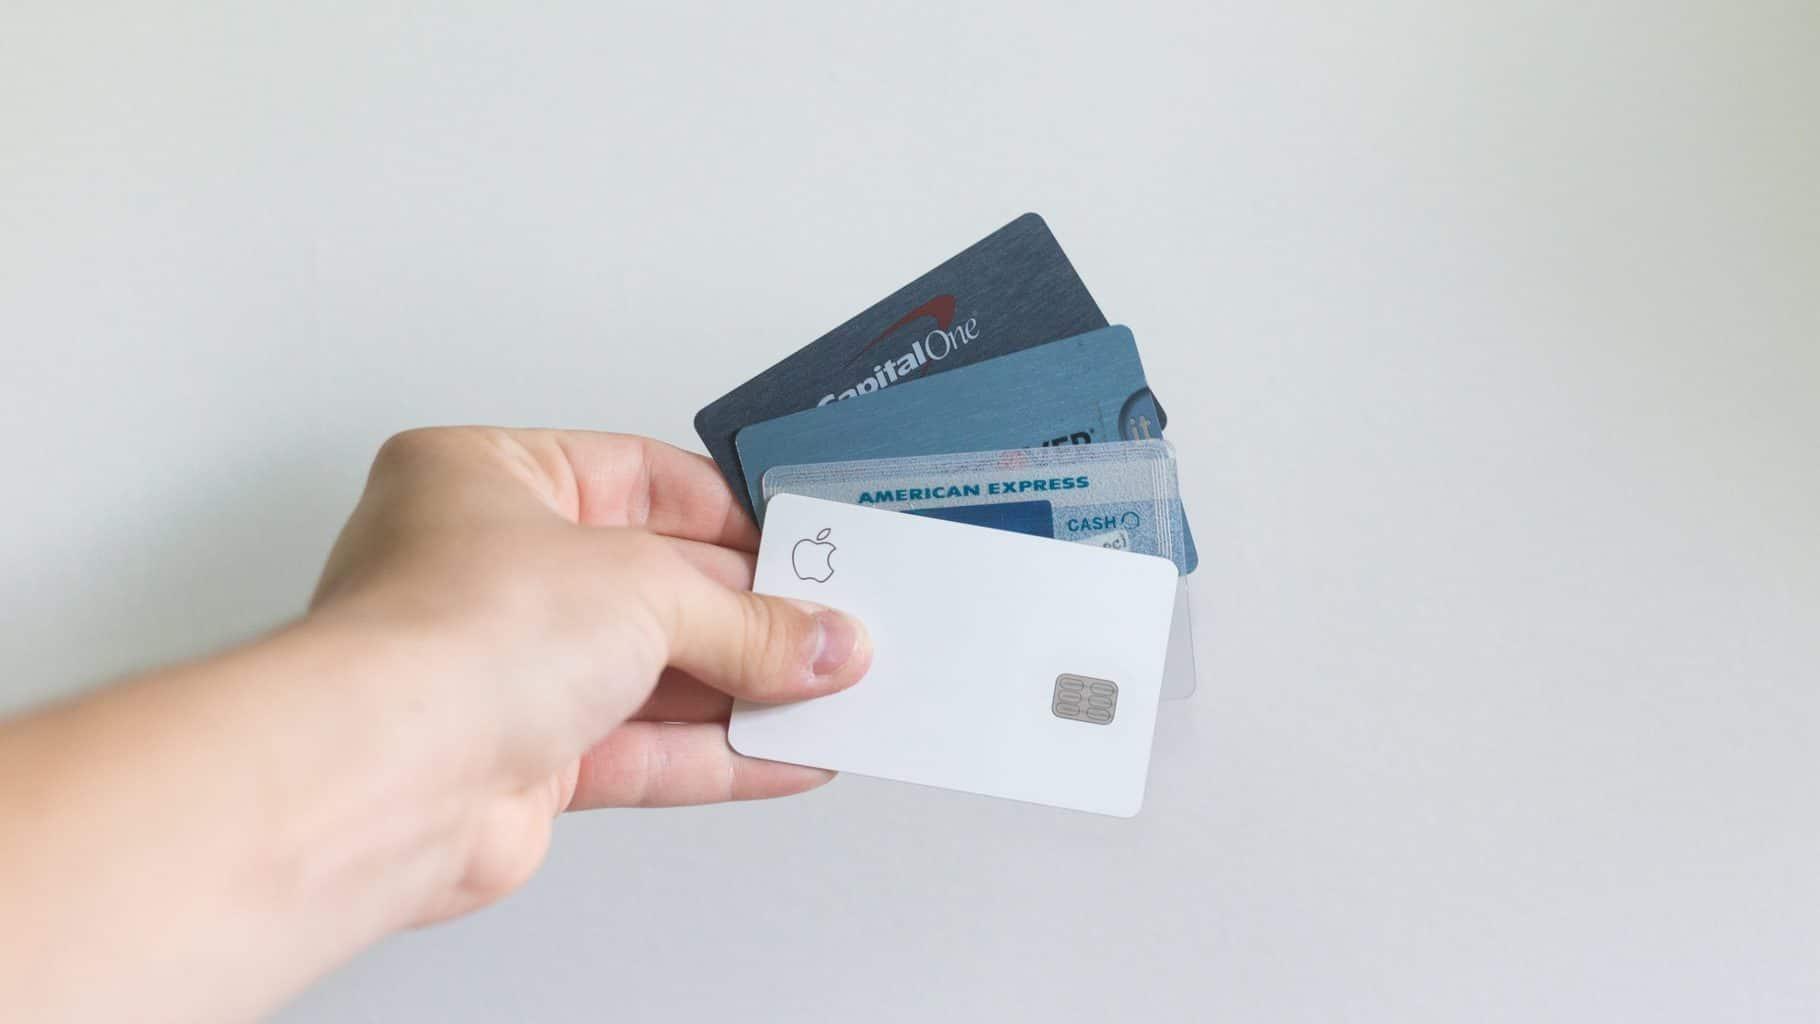 Mange kredittkort